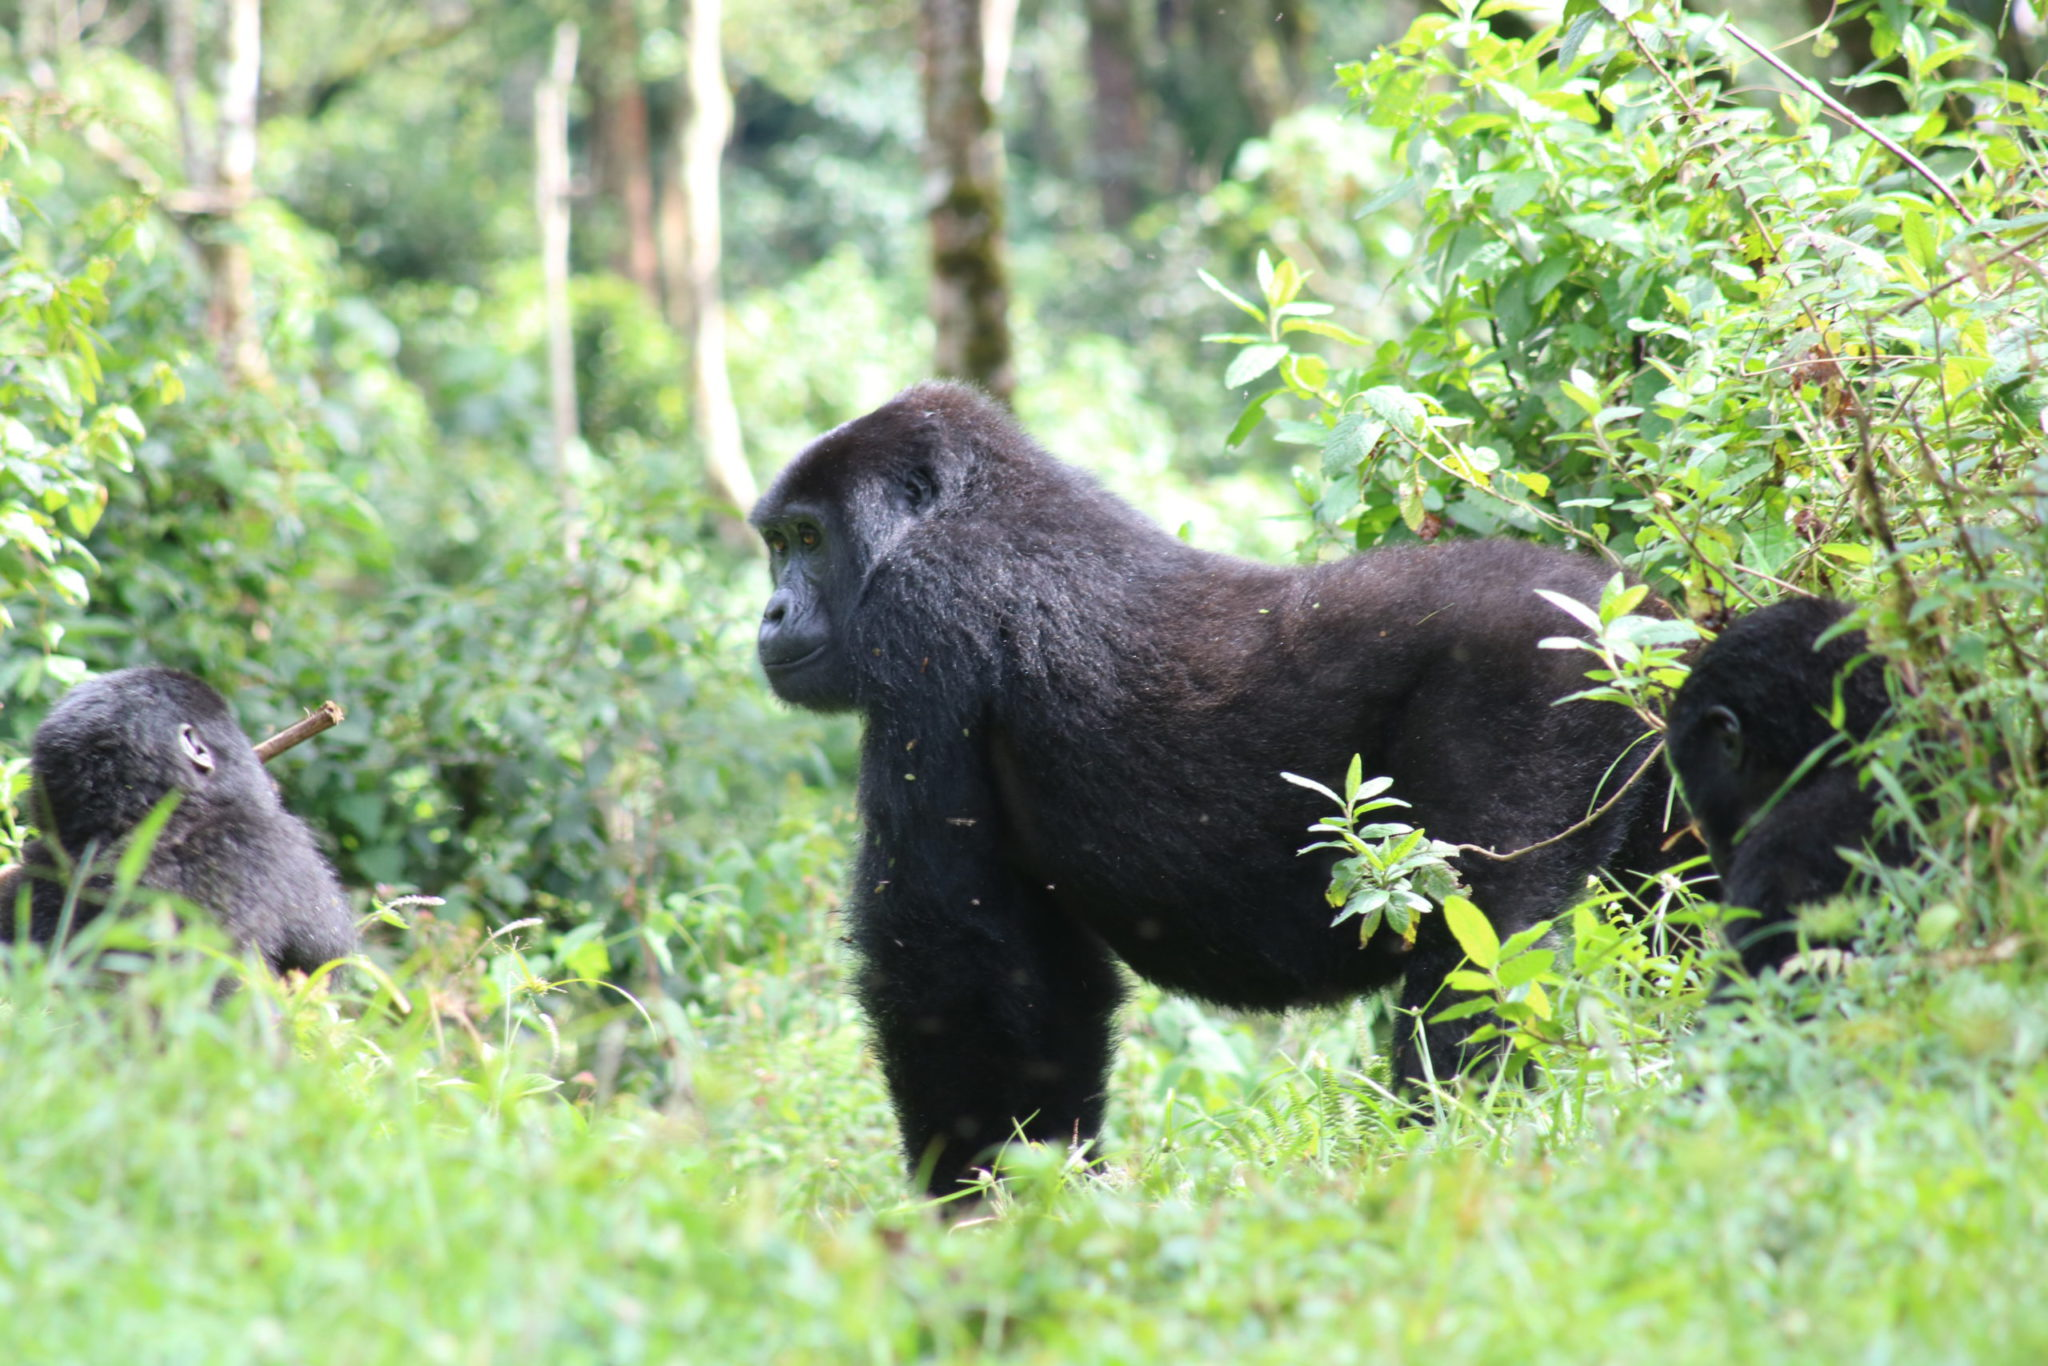 Budget gorilla trekking Uganda: 3 day Bwindi National Park safari